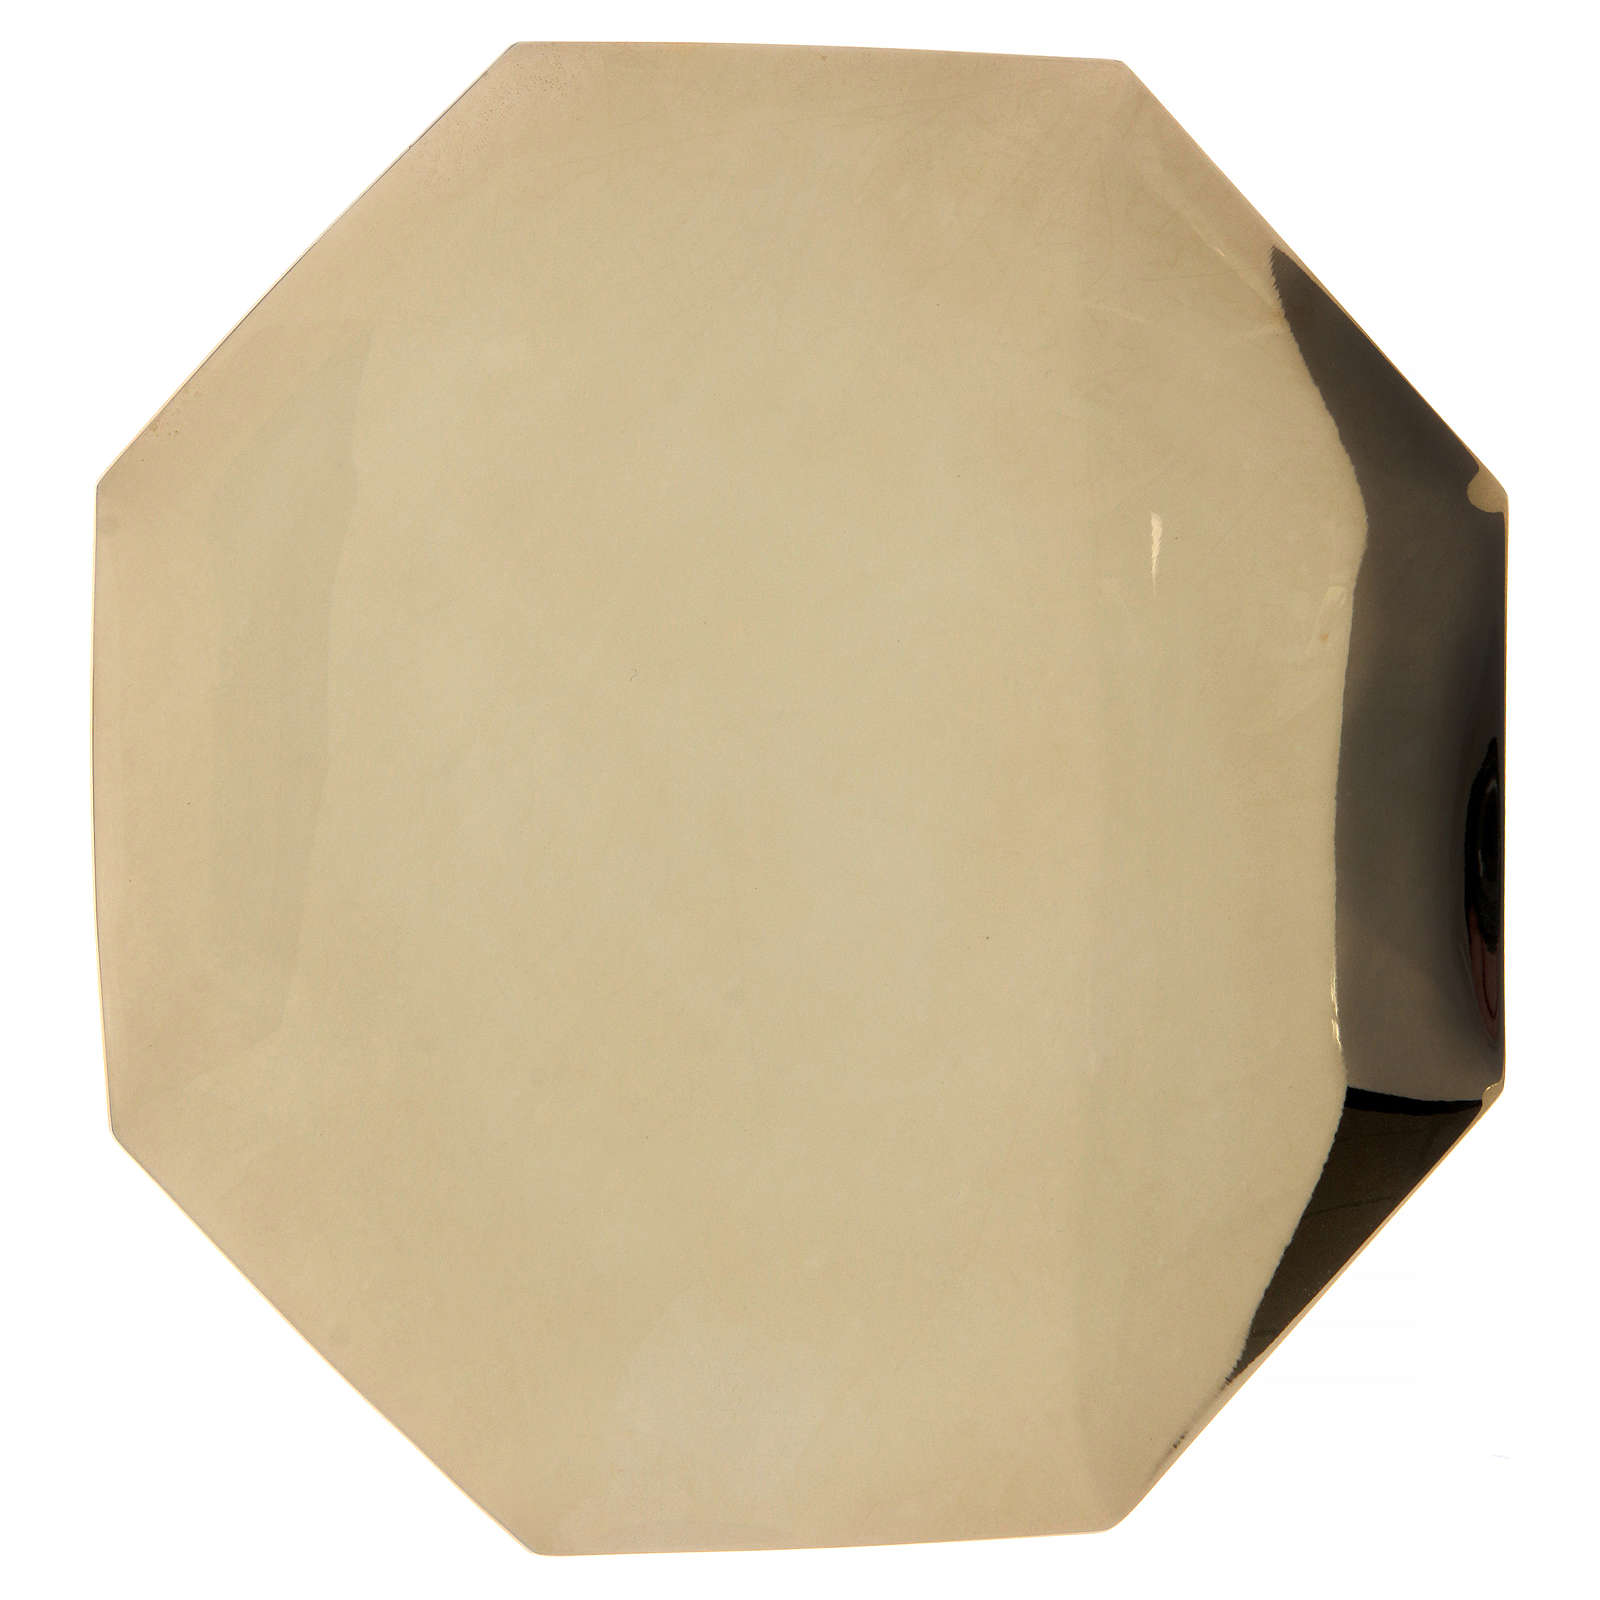 Octagonal paten in brass 8 in diameter 4